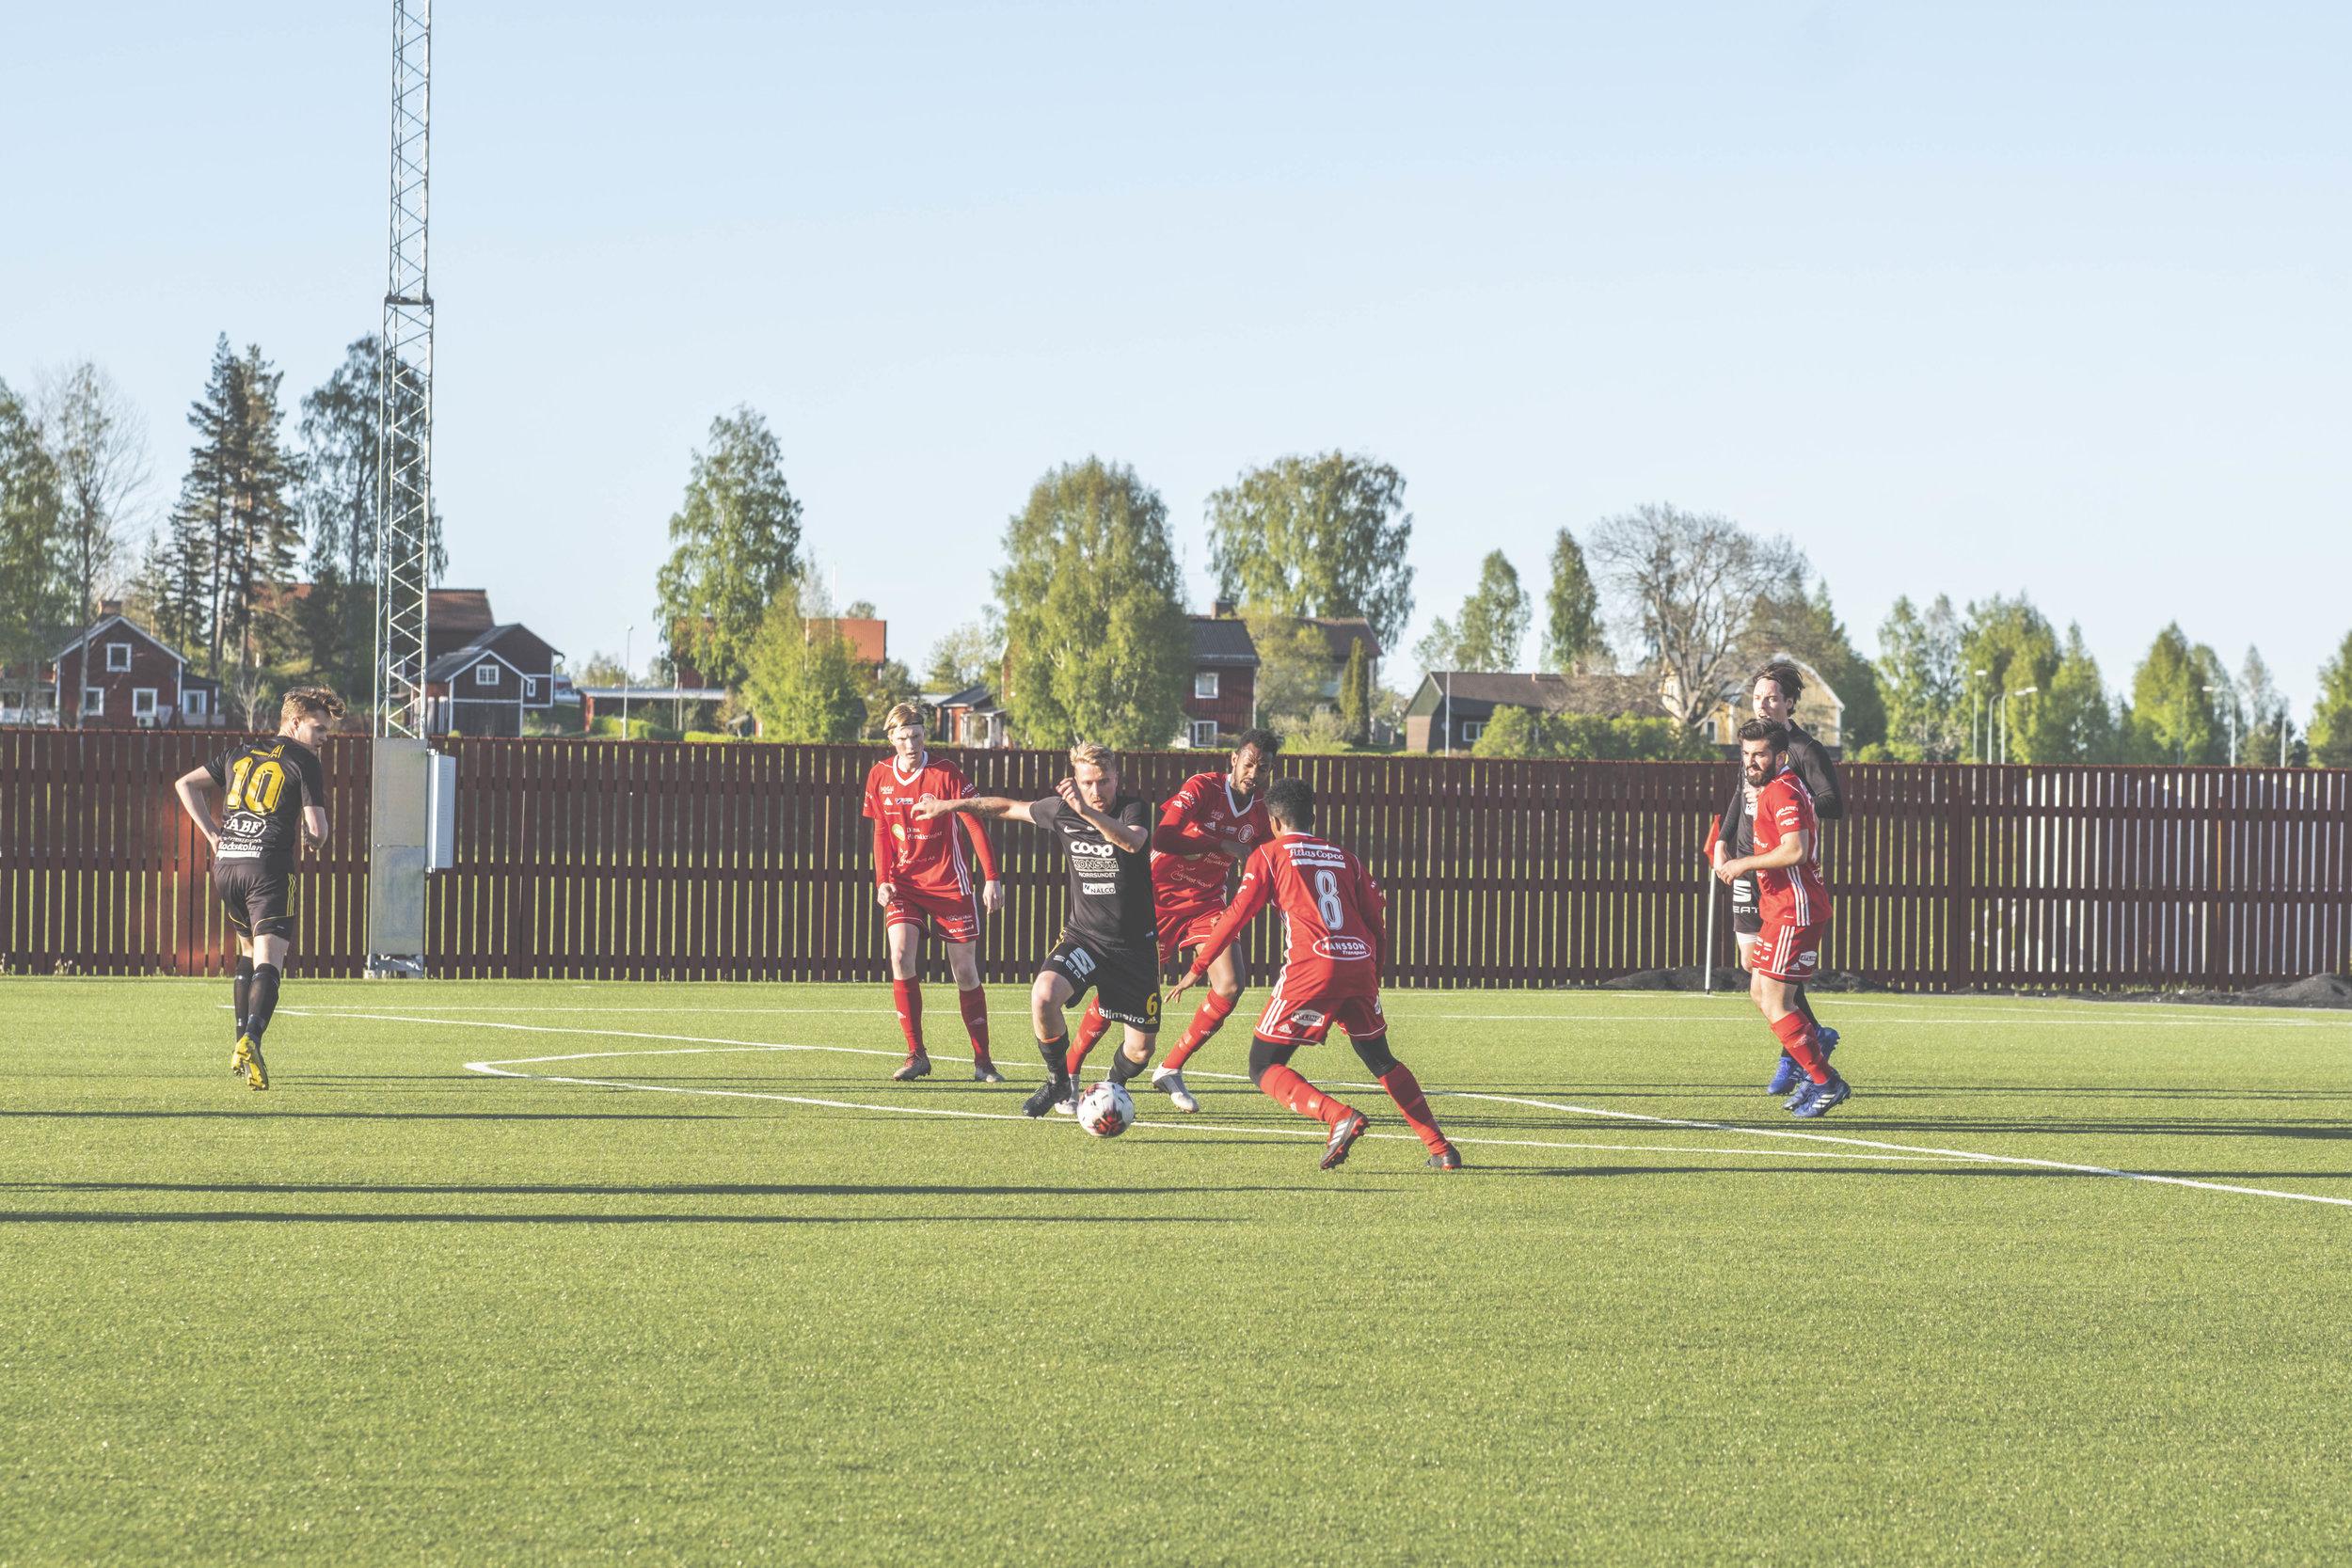 fotboll-v22-2019-0981.jpg